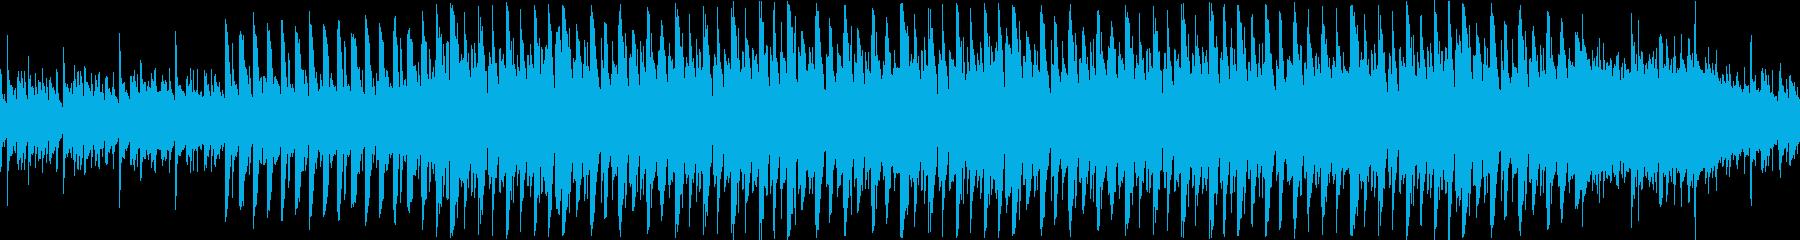 ピアノによる不思議なコードのループ曲の再生済みの波形